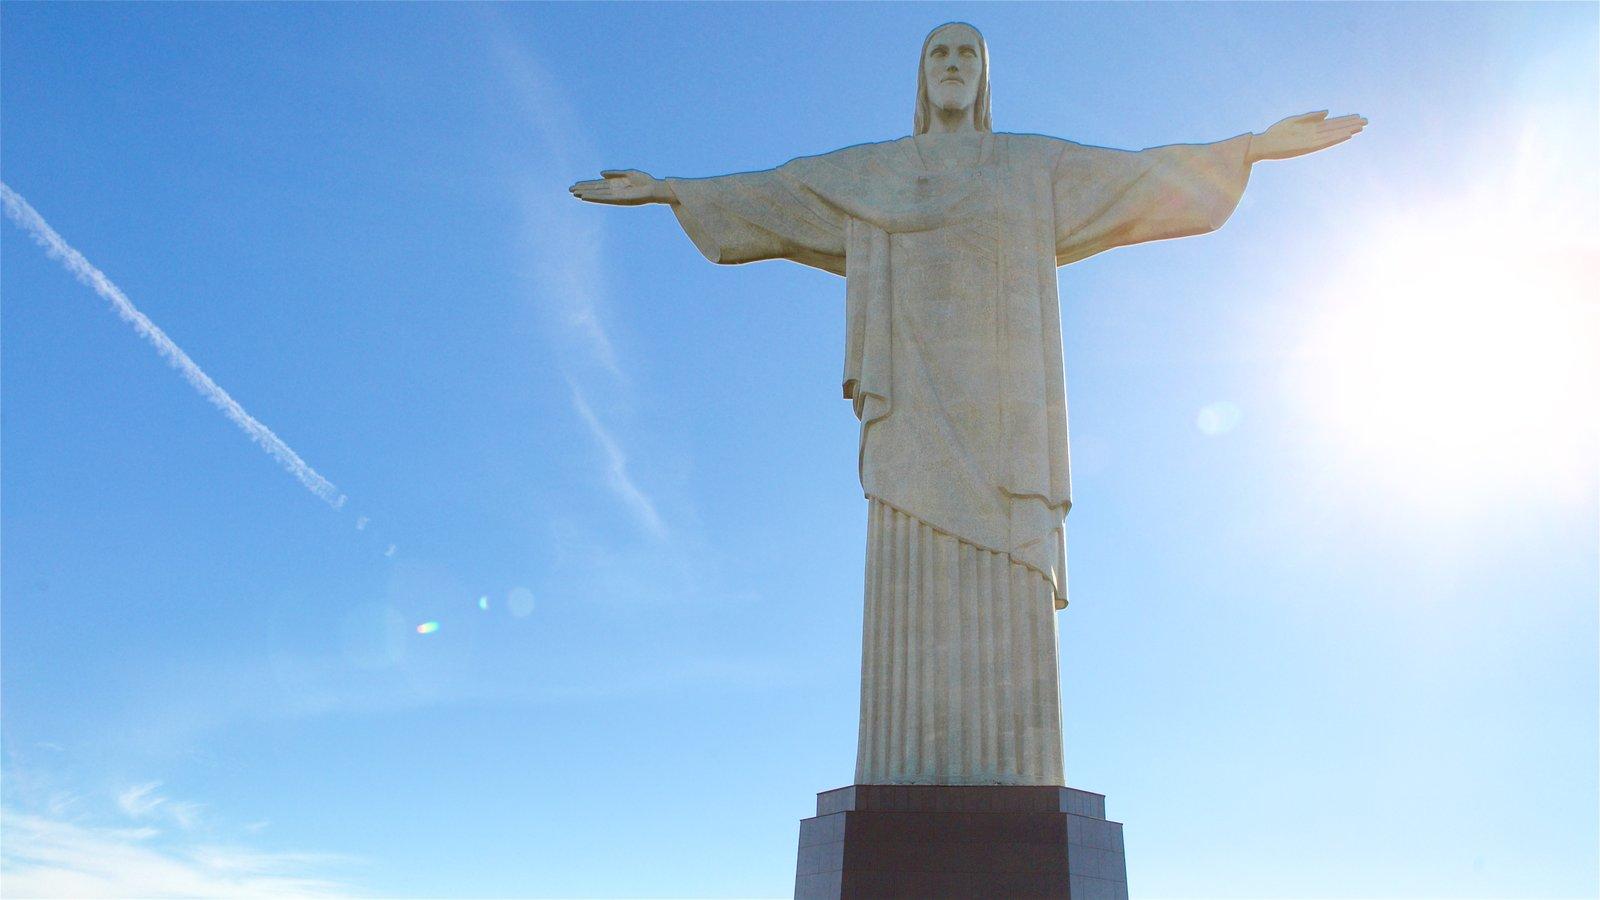 Corcovado mostrando um monumento e uma estátua ou escultura